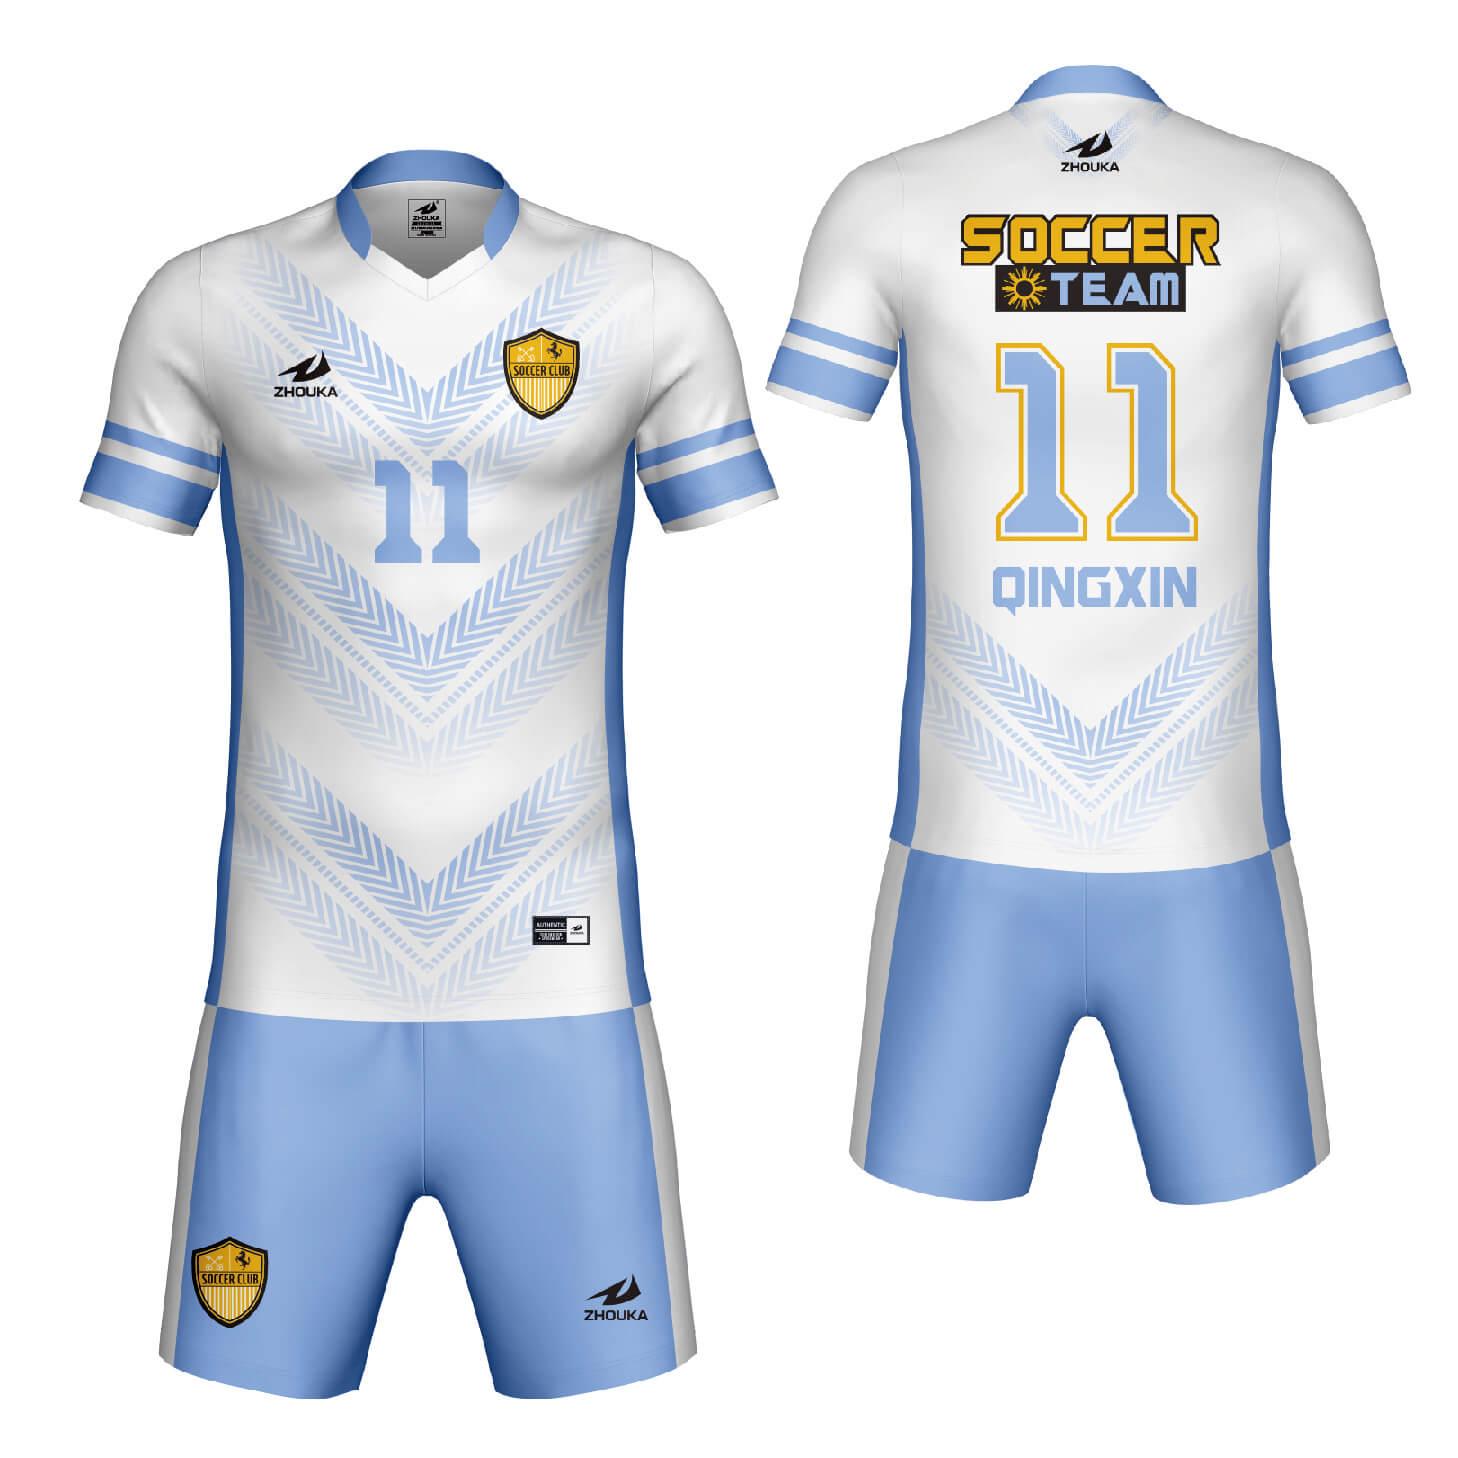 热升华足球球衣的足球训练制服组足球比赛服定制